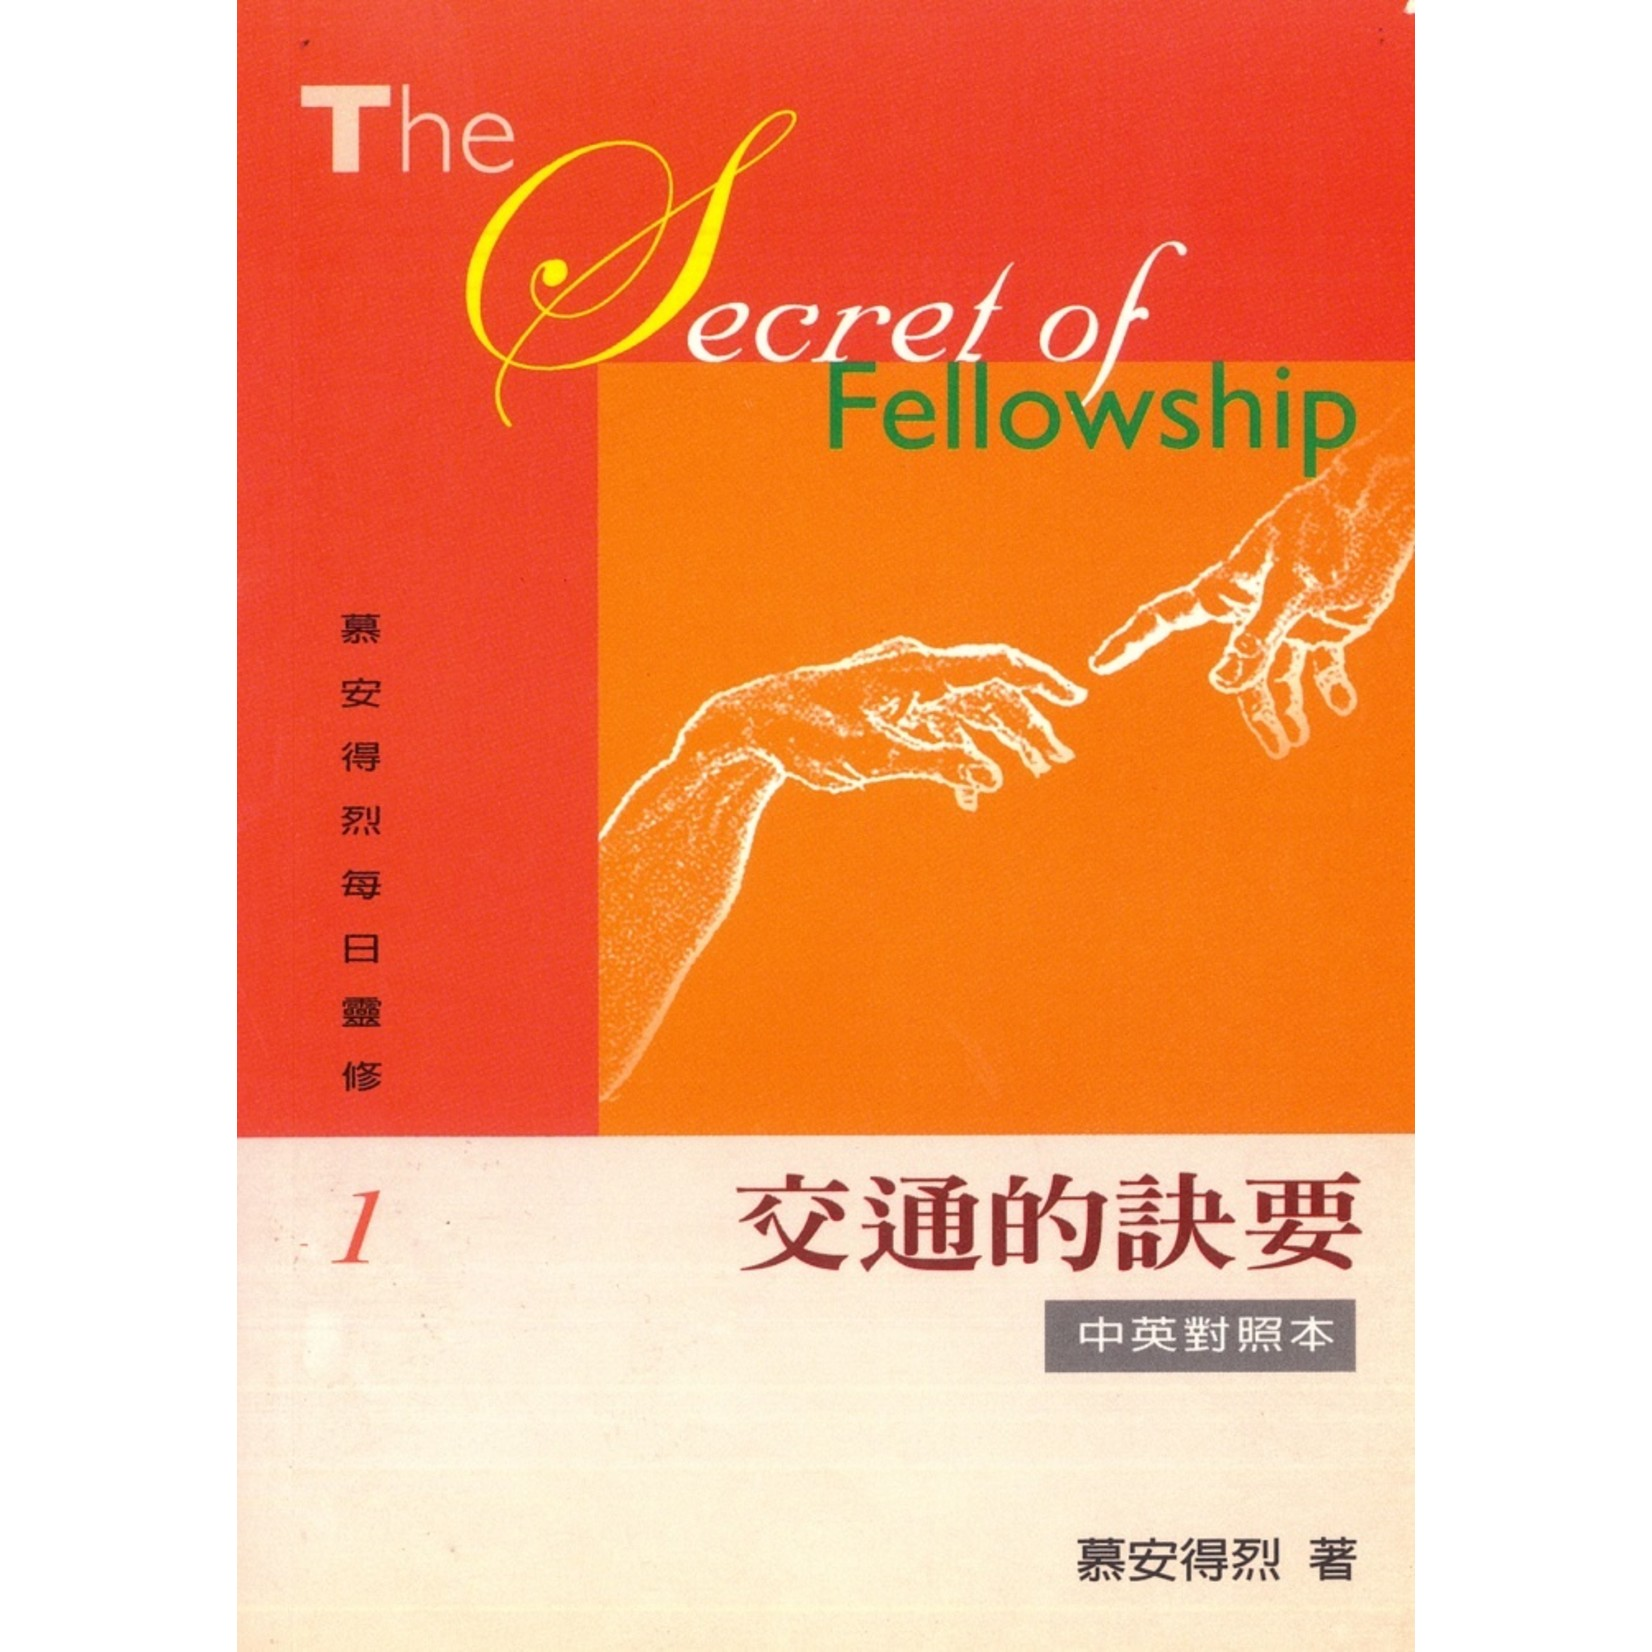 歸主 (TW) 慕安得烈每日靈修01:交通的訣要(中英對照) The Secret to Fellowship